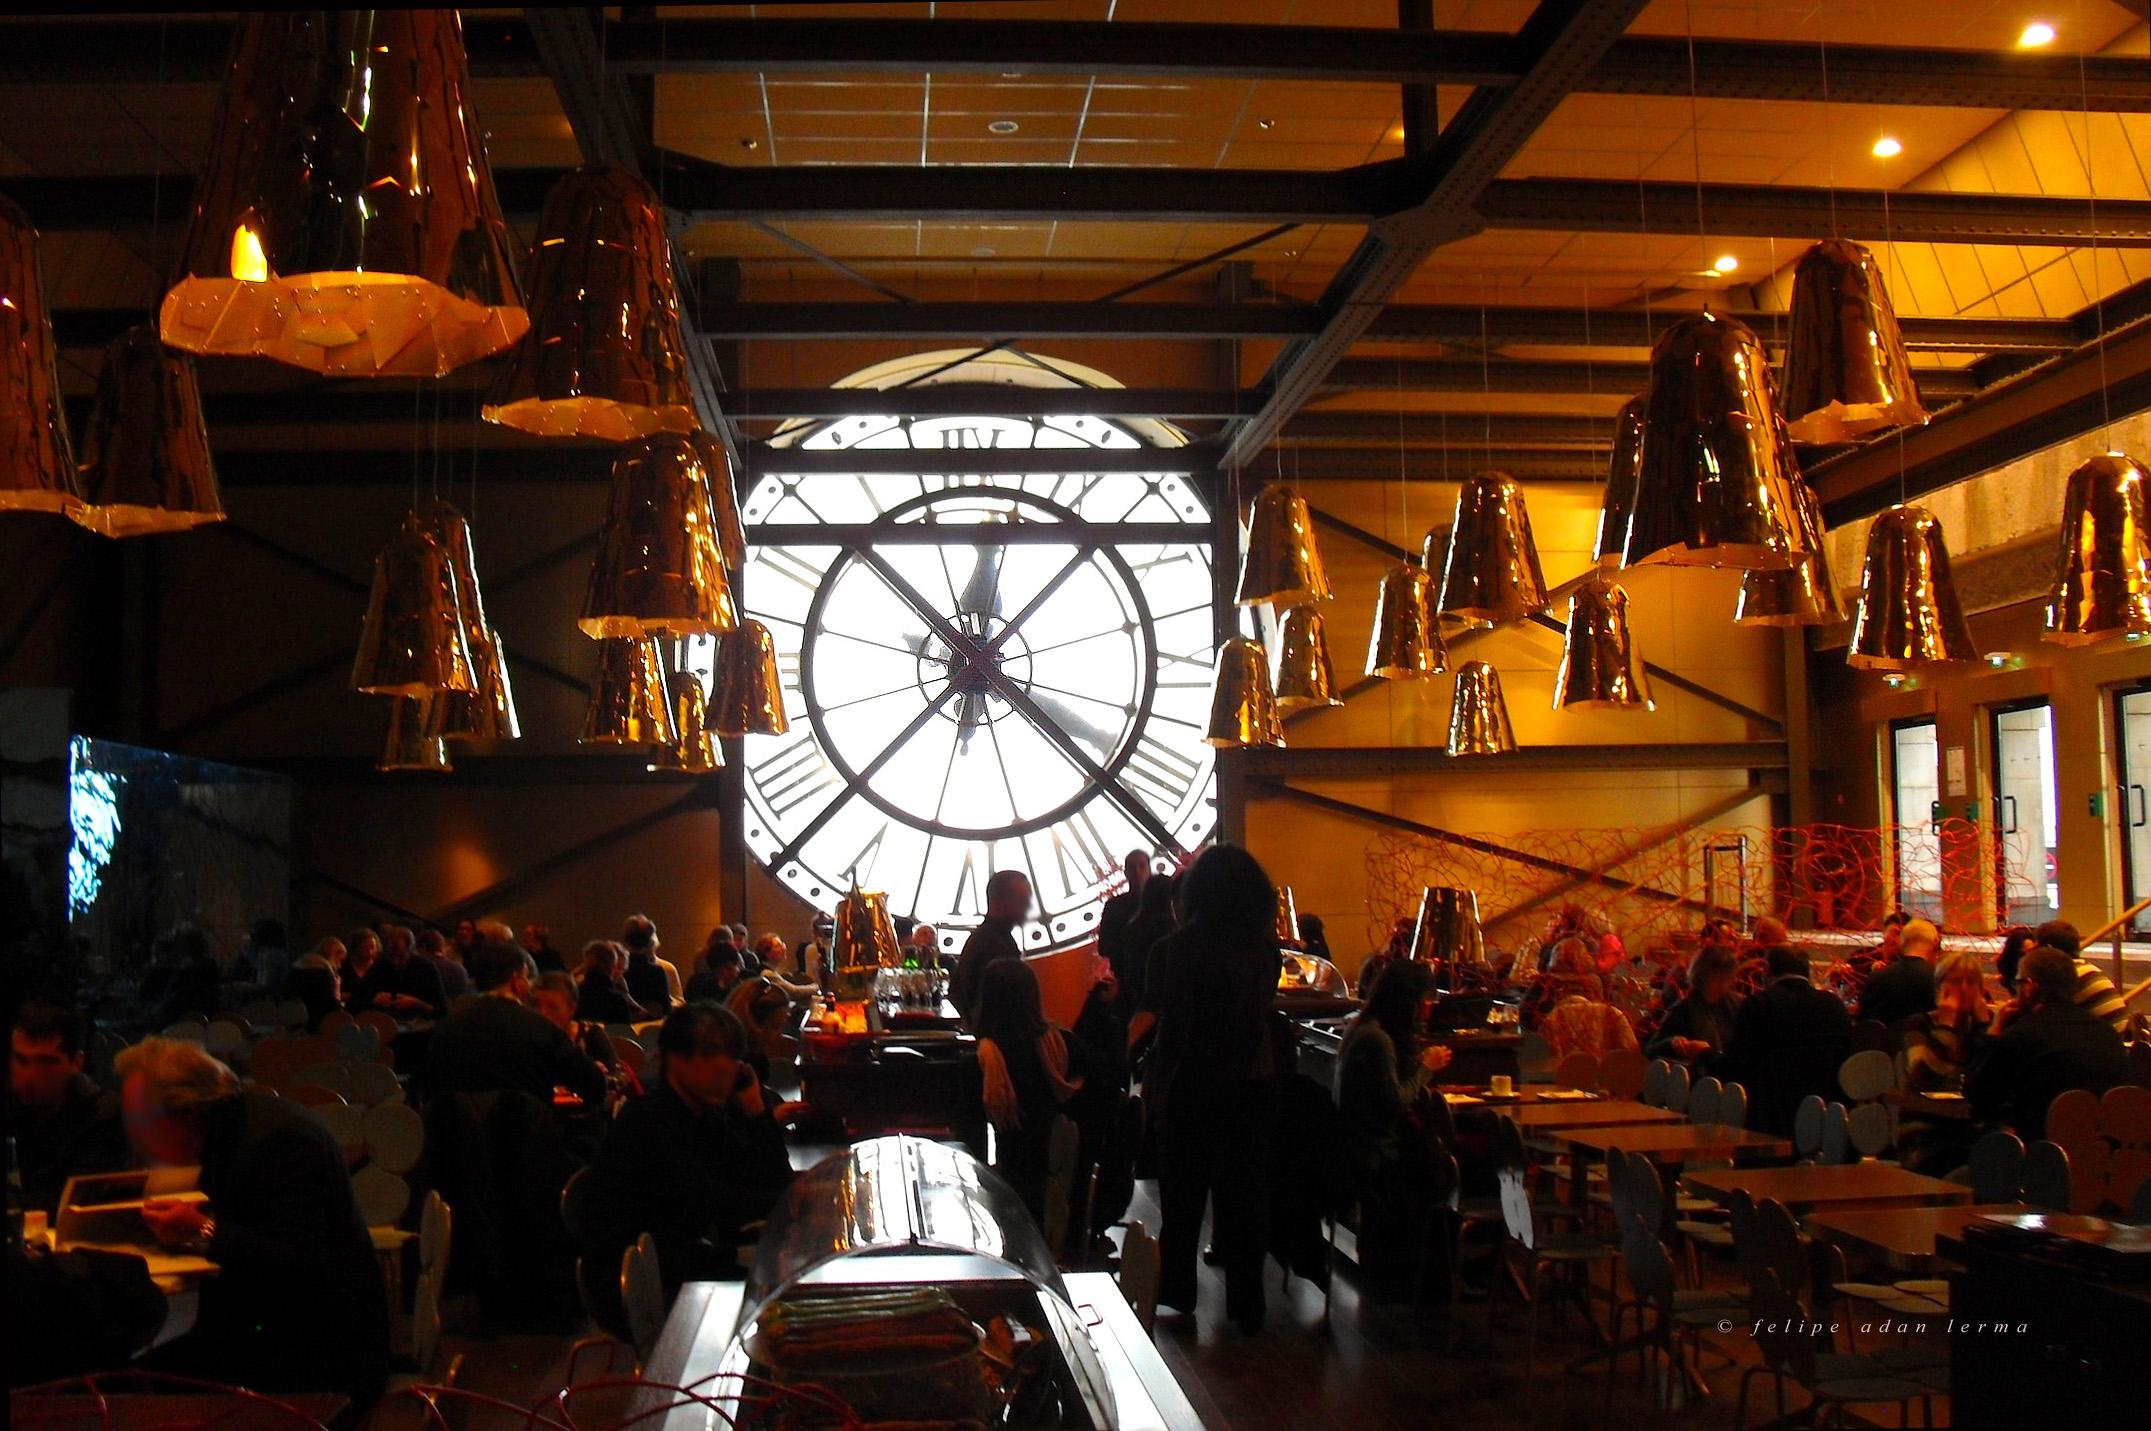 Cafe and Horloge du Musée d'Orsay v1